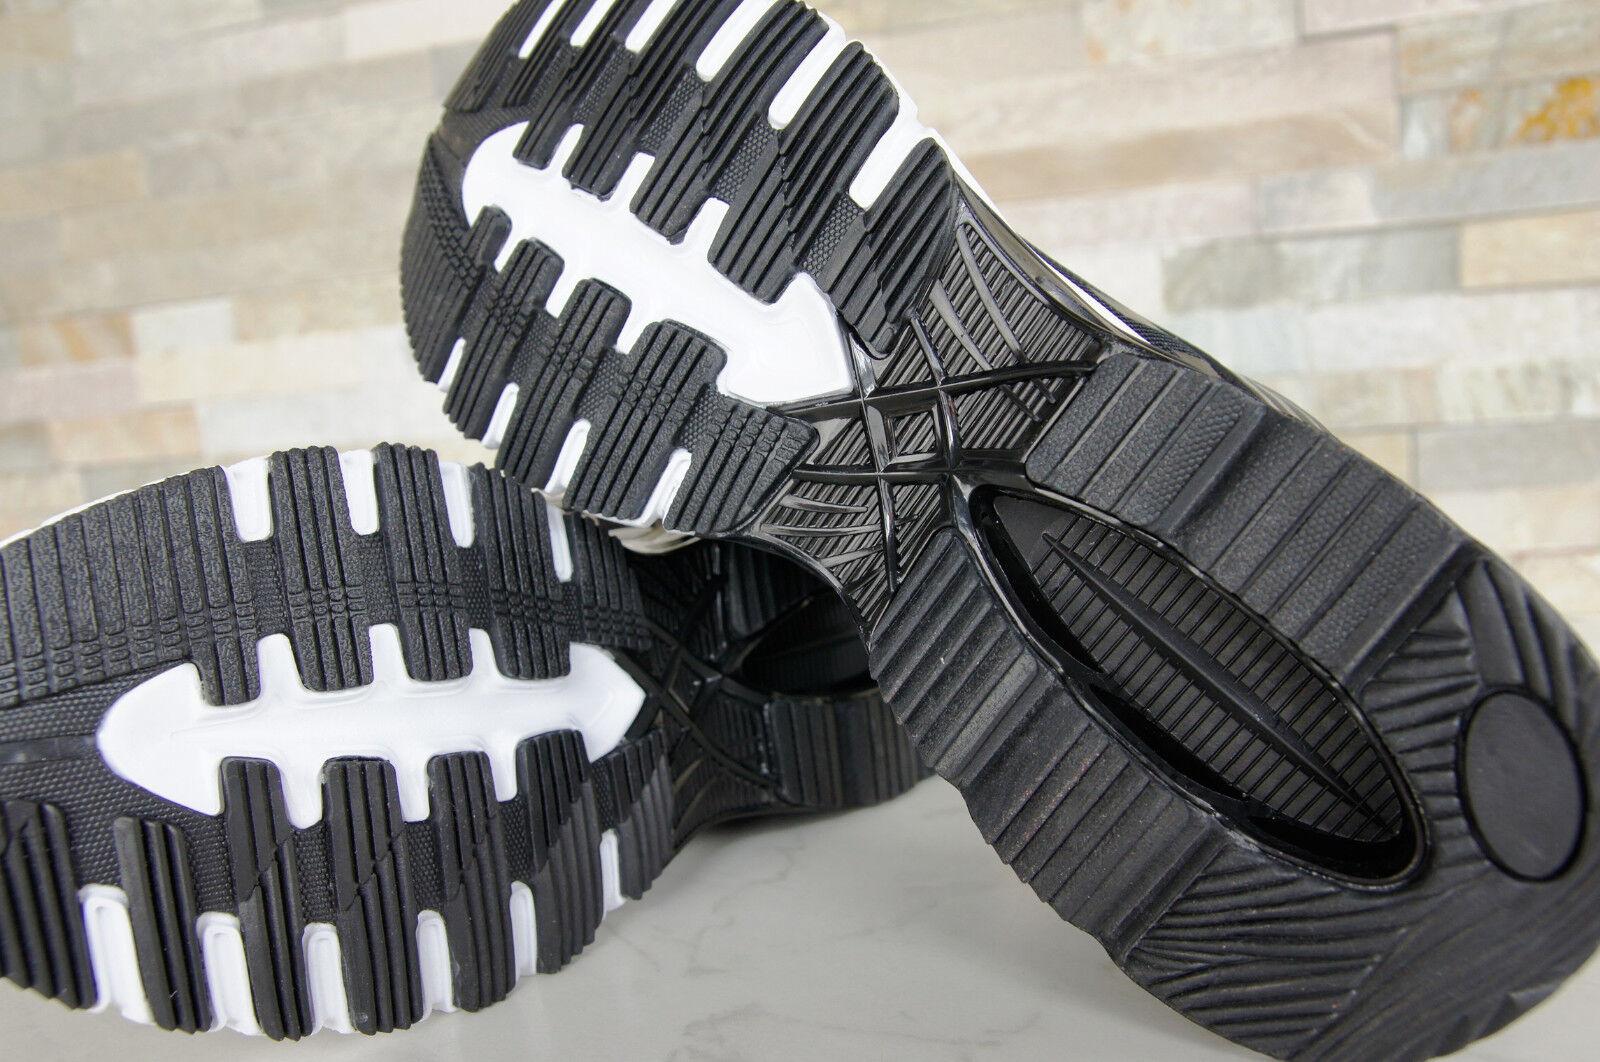 PLEIN SPORT EU 43  US  9.5  UK 9  US Sneakers Schuhe RUNNER schwarz neu c30da0